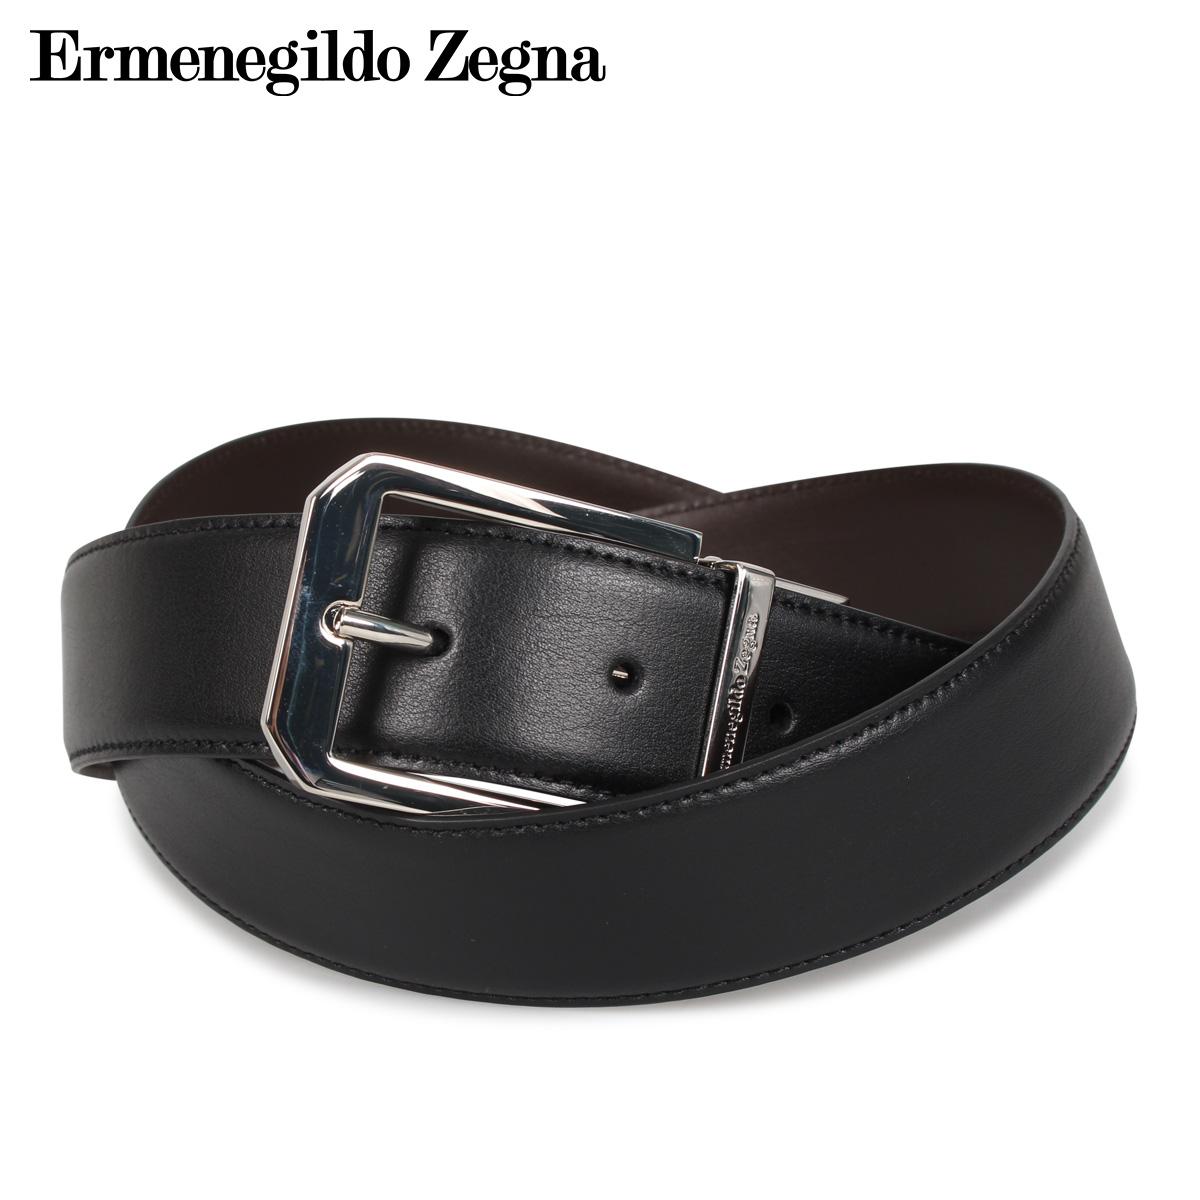 Ermenegildo Zegna エルメネジルドゼニア ベルト レザーベルト 本革 メンズ リバーシブル BELT ブラック 黒 ZPJ45-977 [4/17 新入荷]